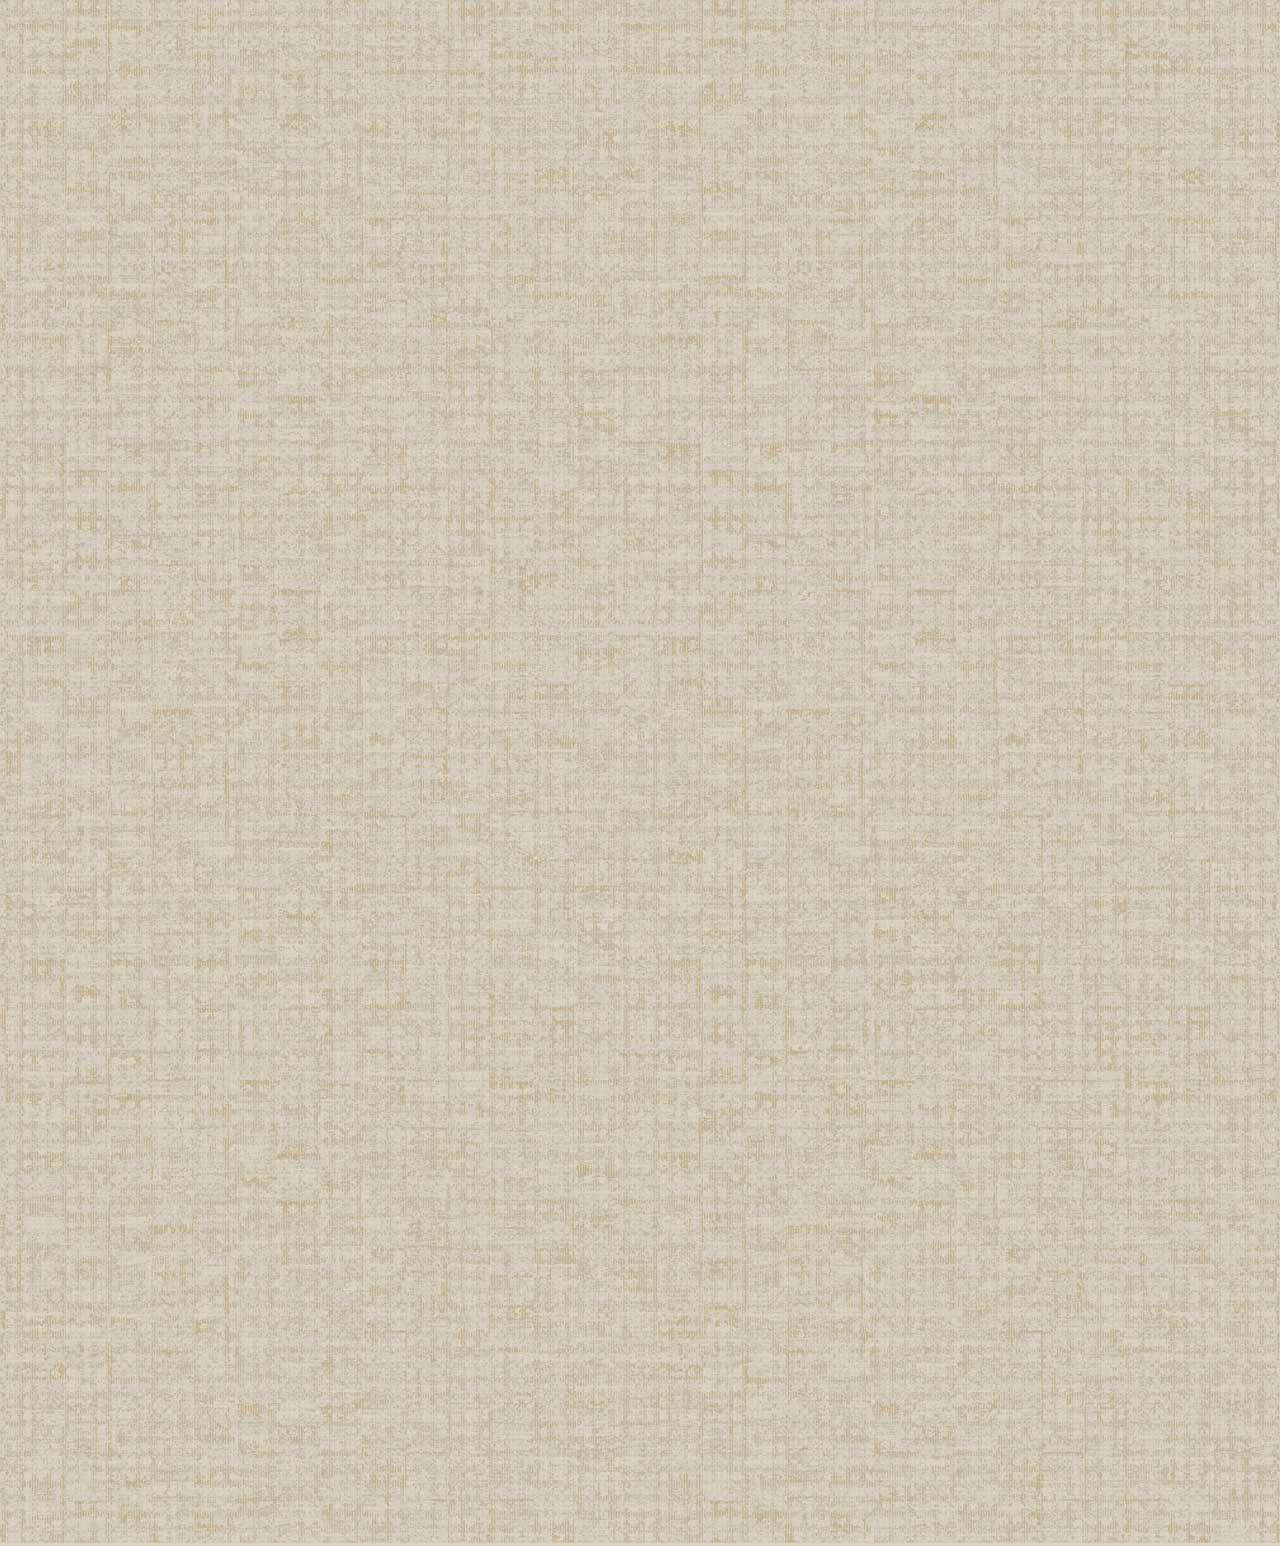 Sloan-Luxury-Wallpaper-SL00800-FRACTAL